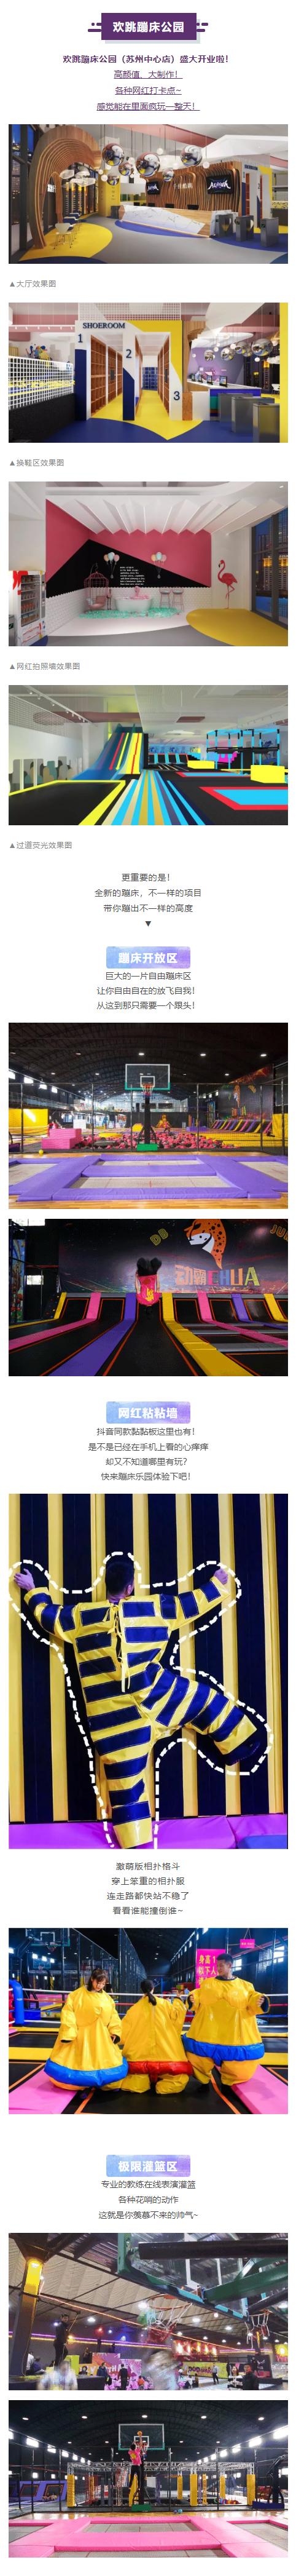 活力泡泡球+刺激大乱斗!苏州欢跳蹦床公园单人/亲子门票